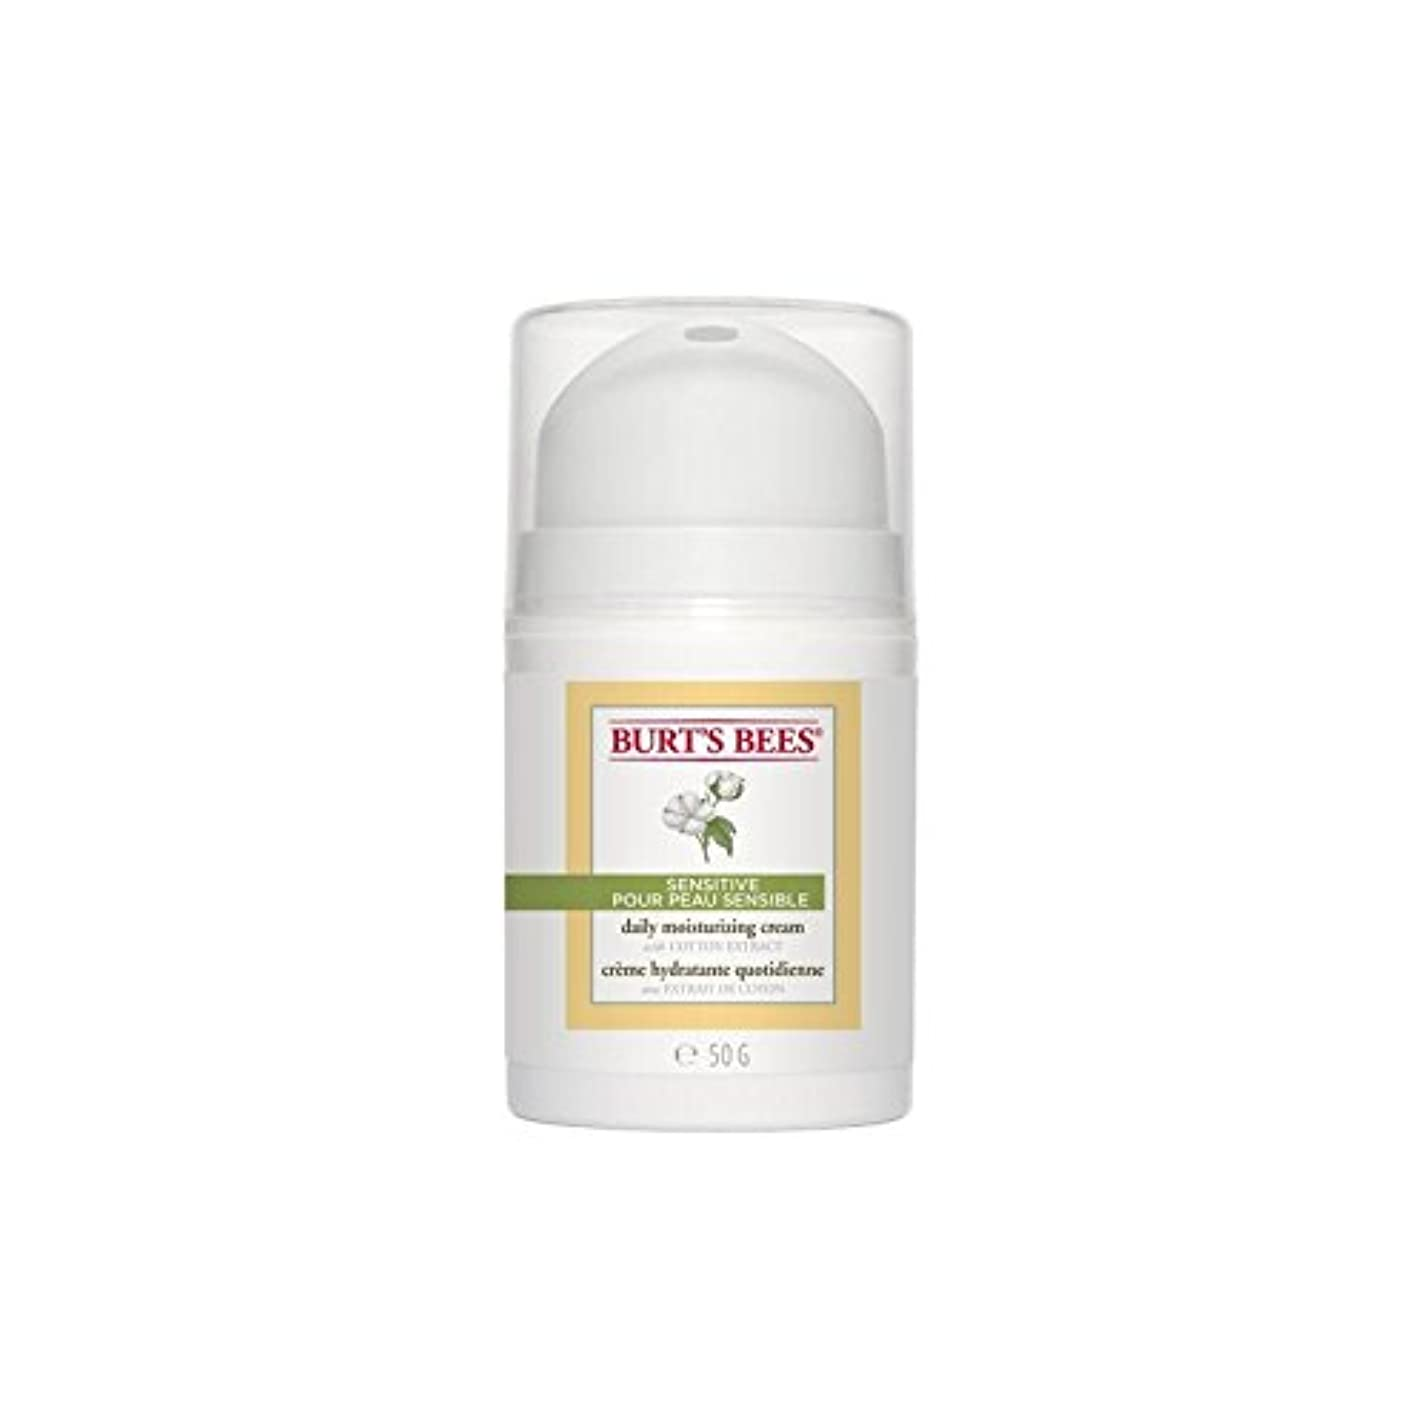 ライム前述の原因Burt's Bees Sensitive Daily Moisturising Cream 50G - バーツビー敏感毎日保湿クリーム50グラム [並行輸入品]